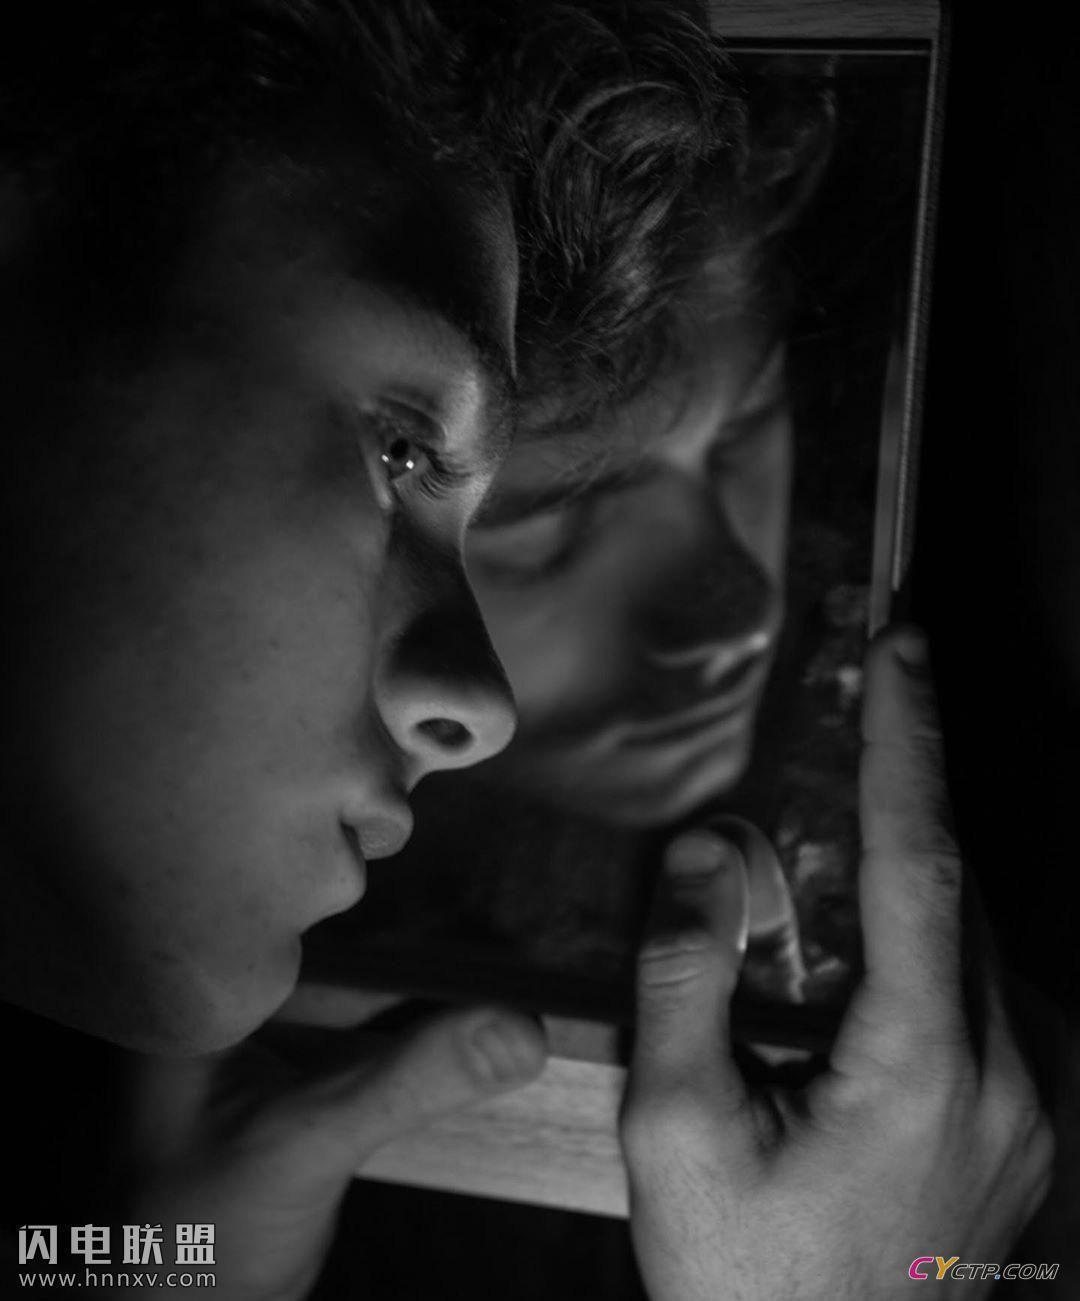 欧美同性男同小鲜肉唯美私房艺术写真照片